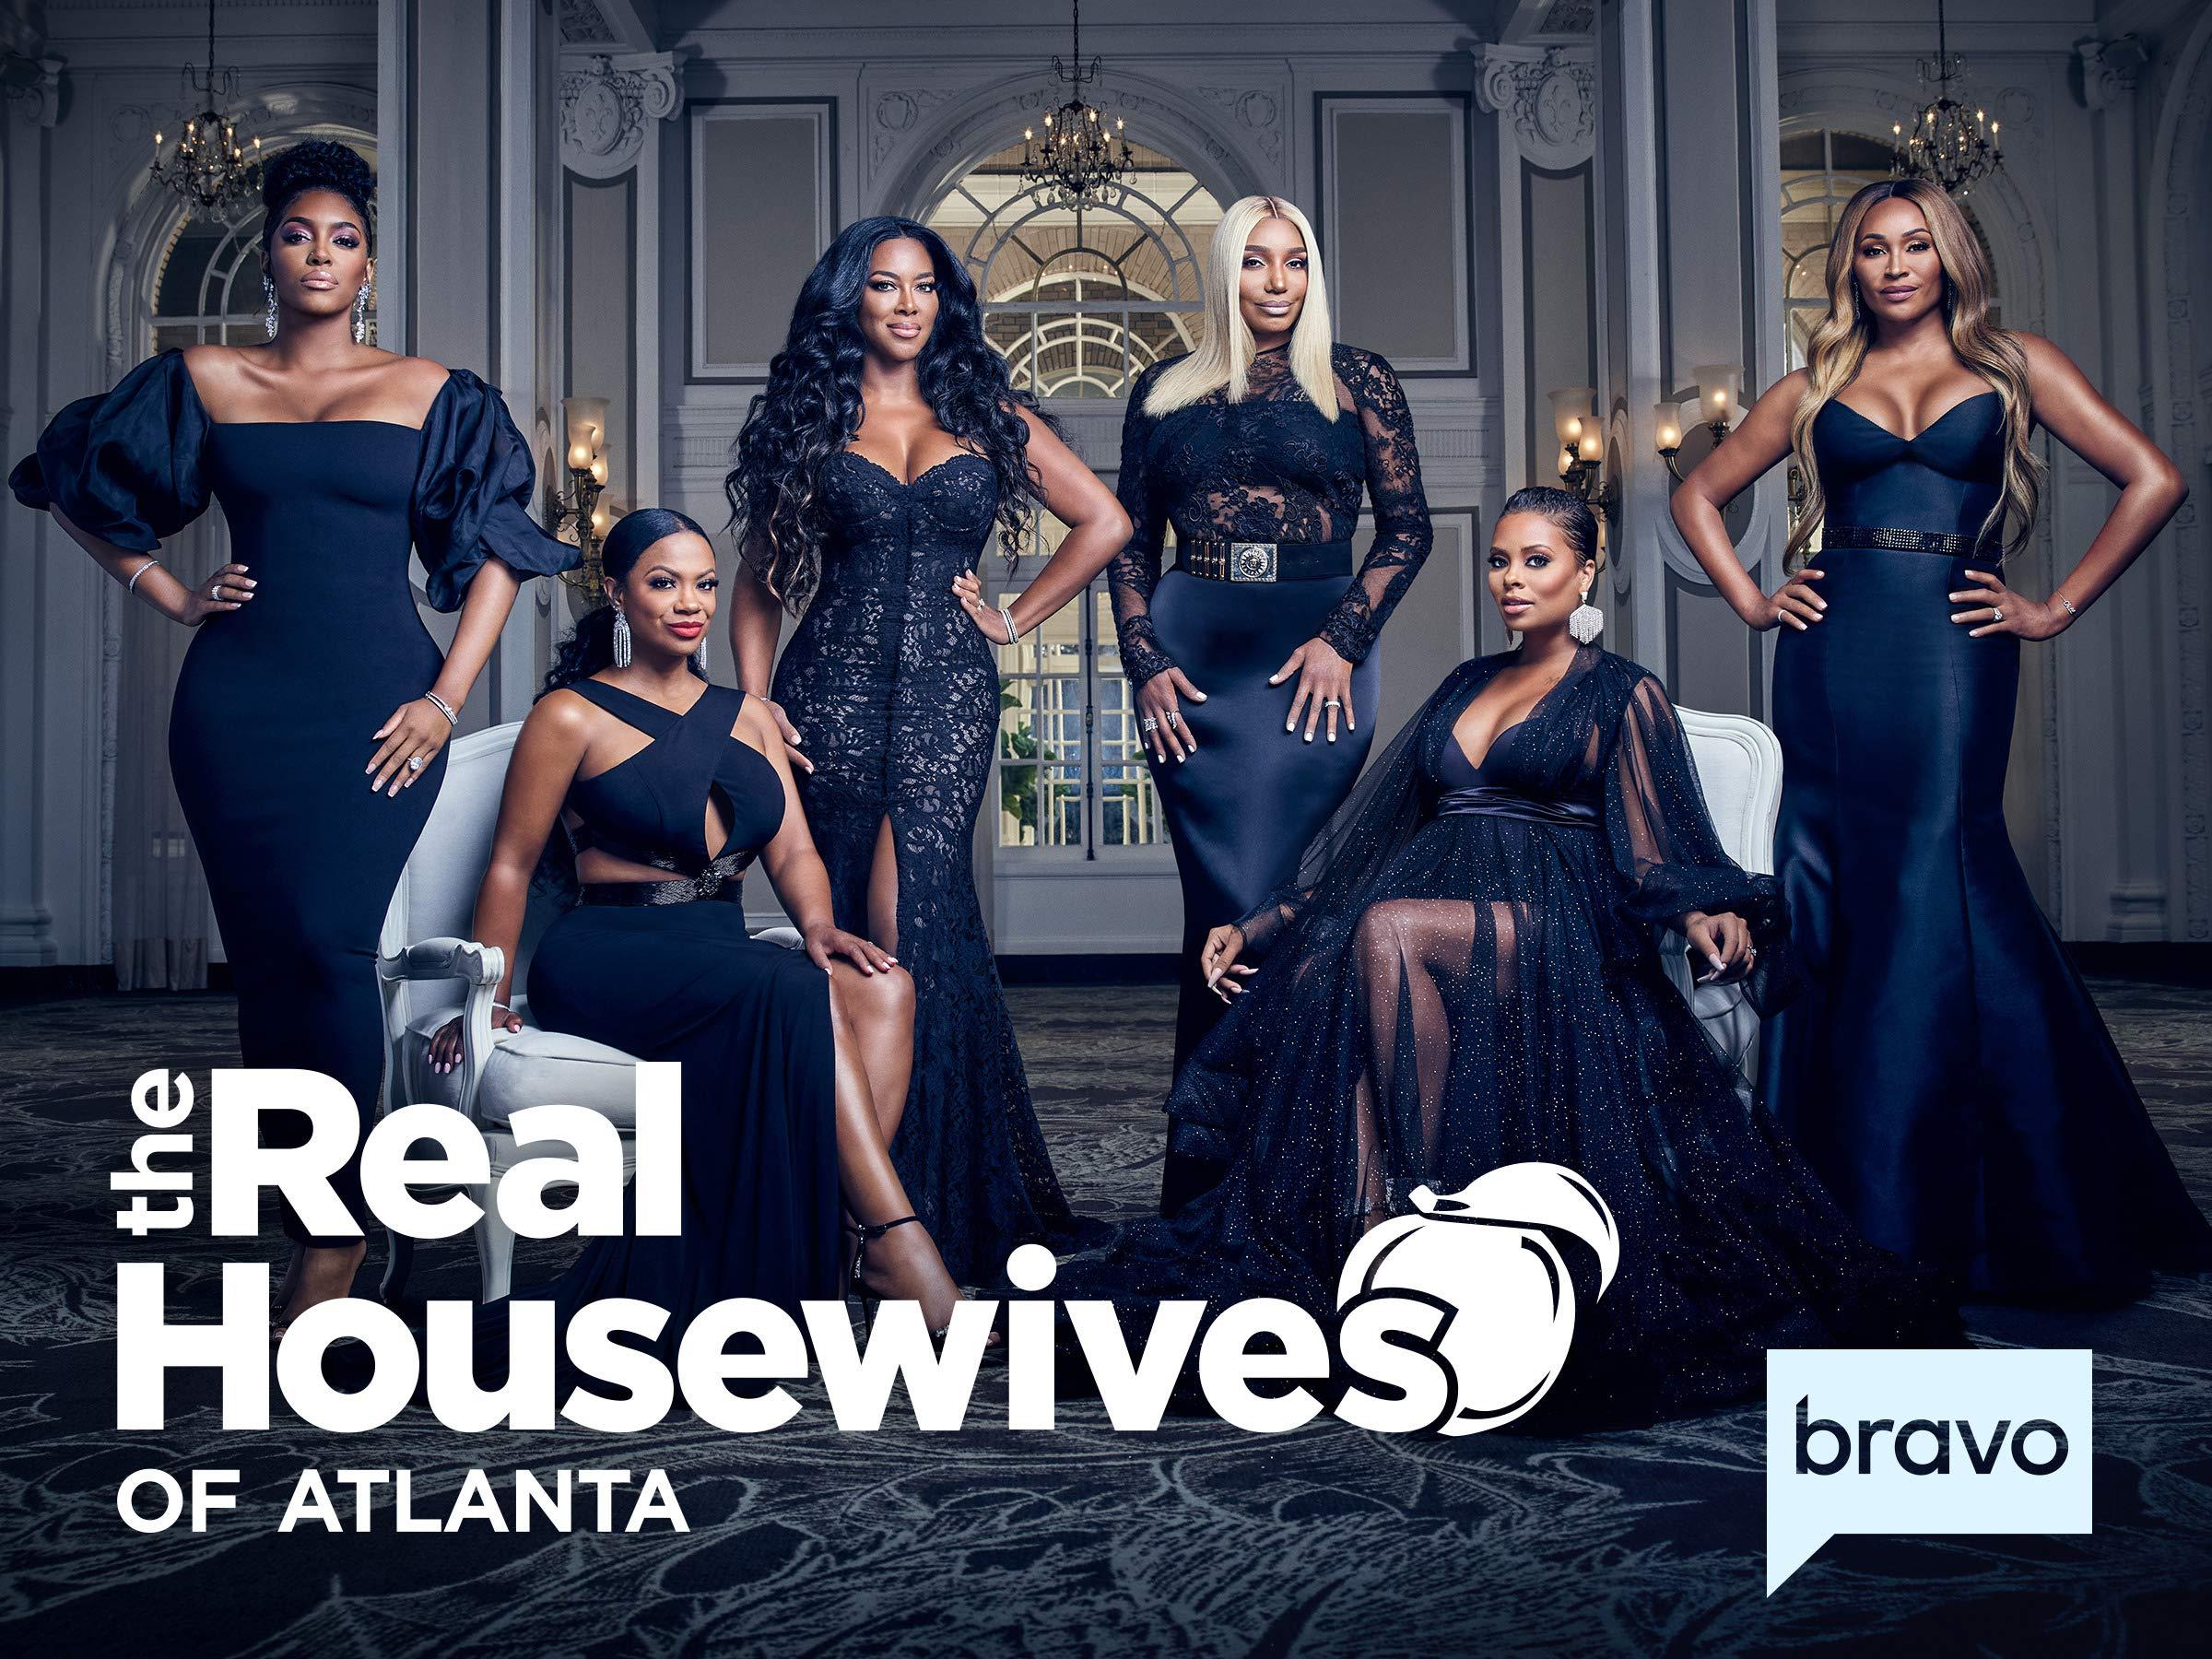 Real Housewives of Atlanta (RHOA) Season 12 Reunion: Updates So Far